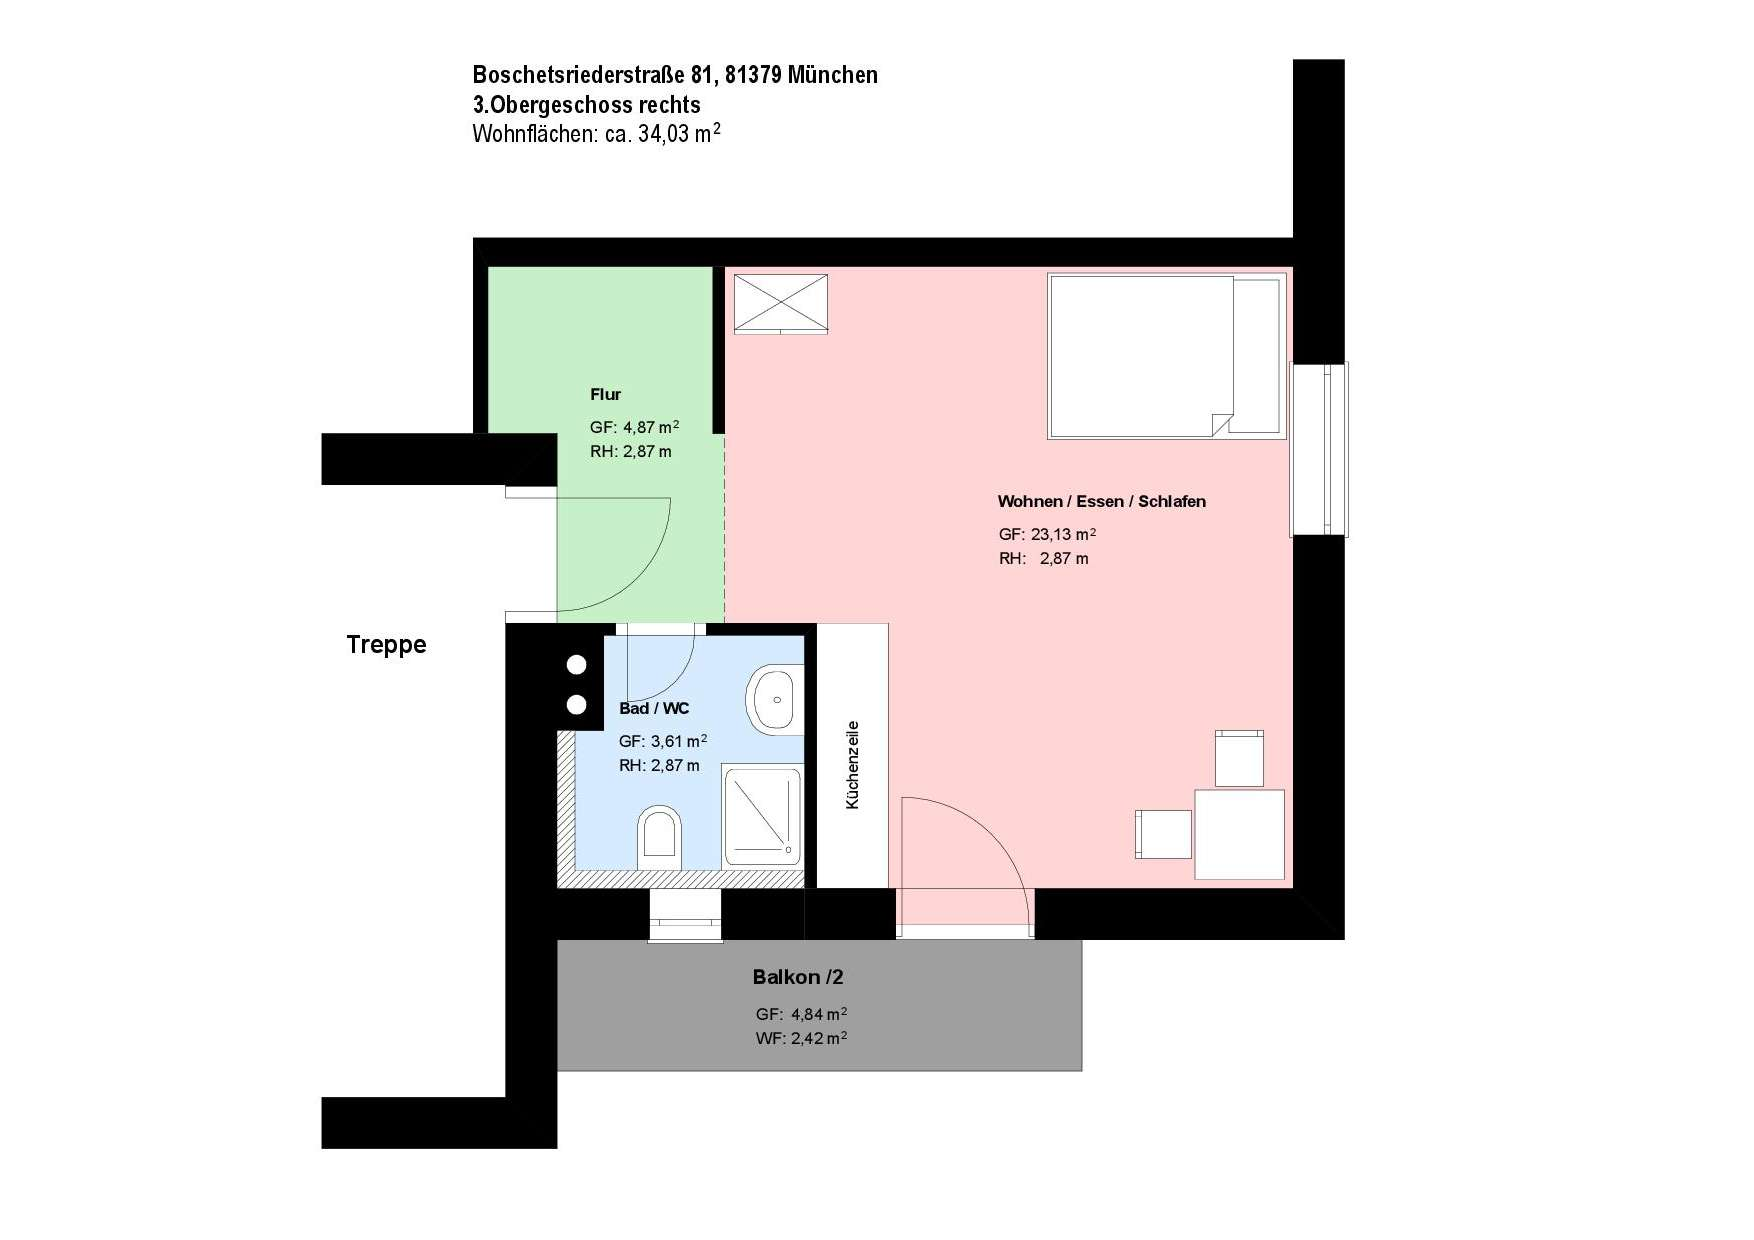 *Obersendling*1-Zimmer-Apartment*möbliert*Balkon*Parkett* in Obersendling (München)